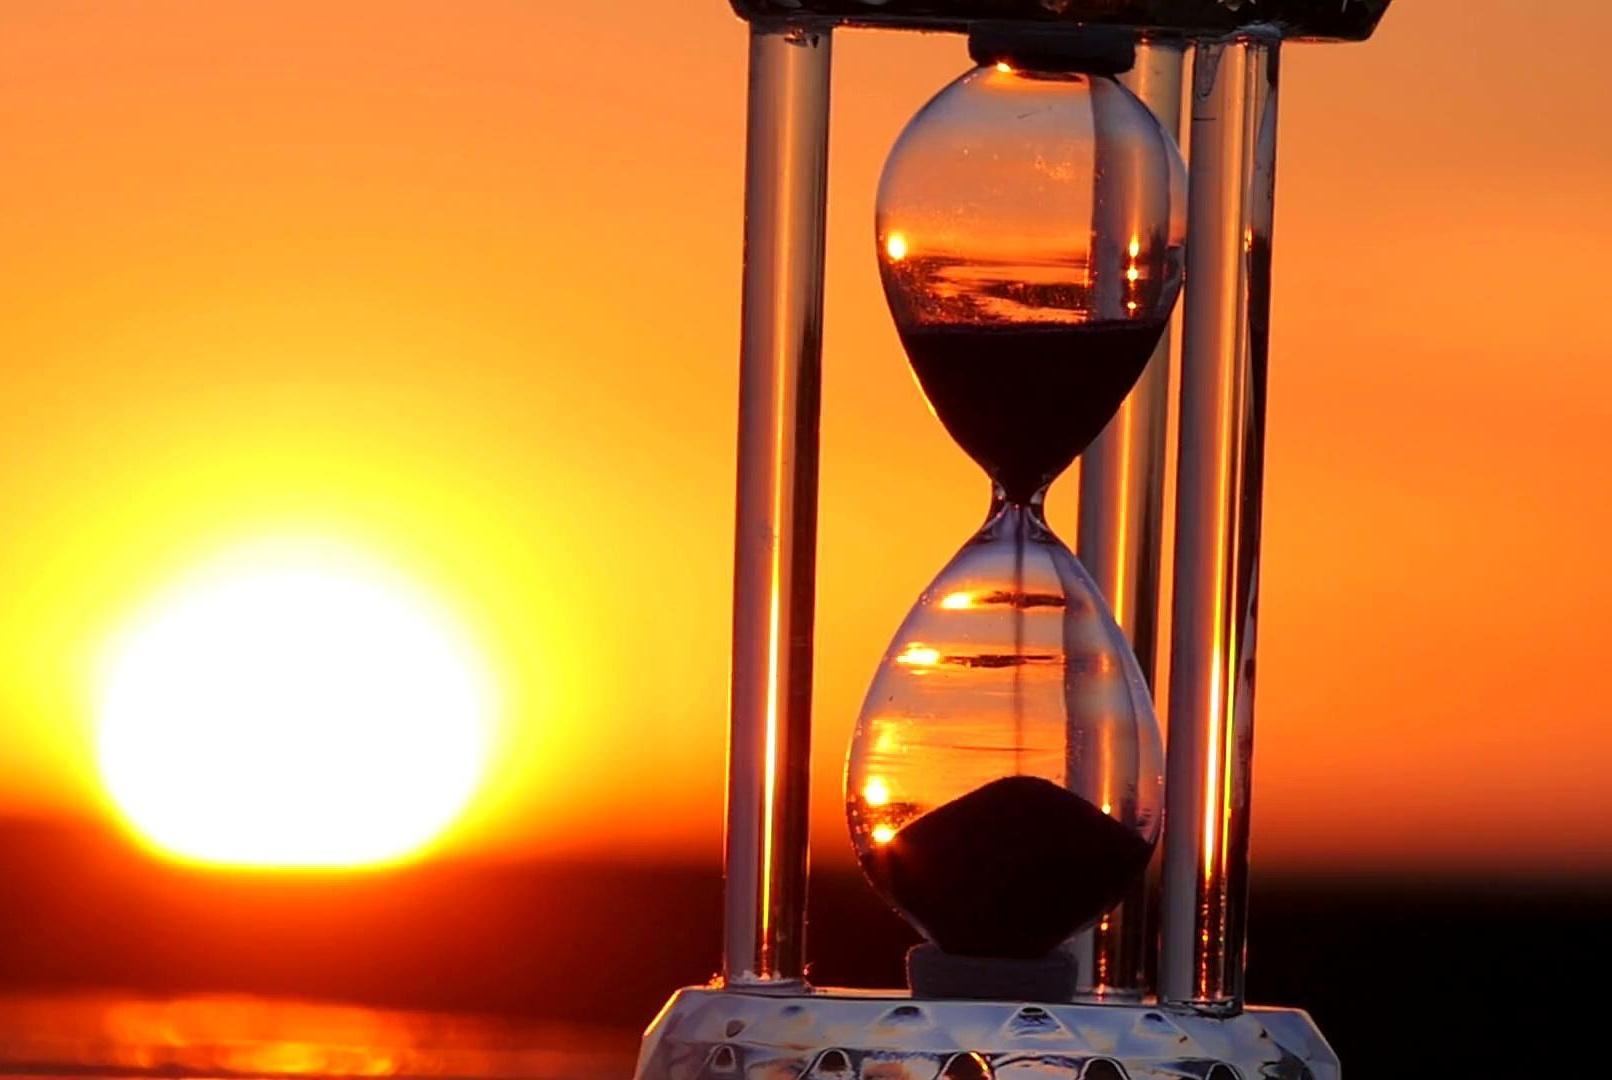 为什么年龄越大,感觉时间过得越快?这跟时间无关,跟大脑有关